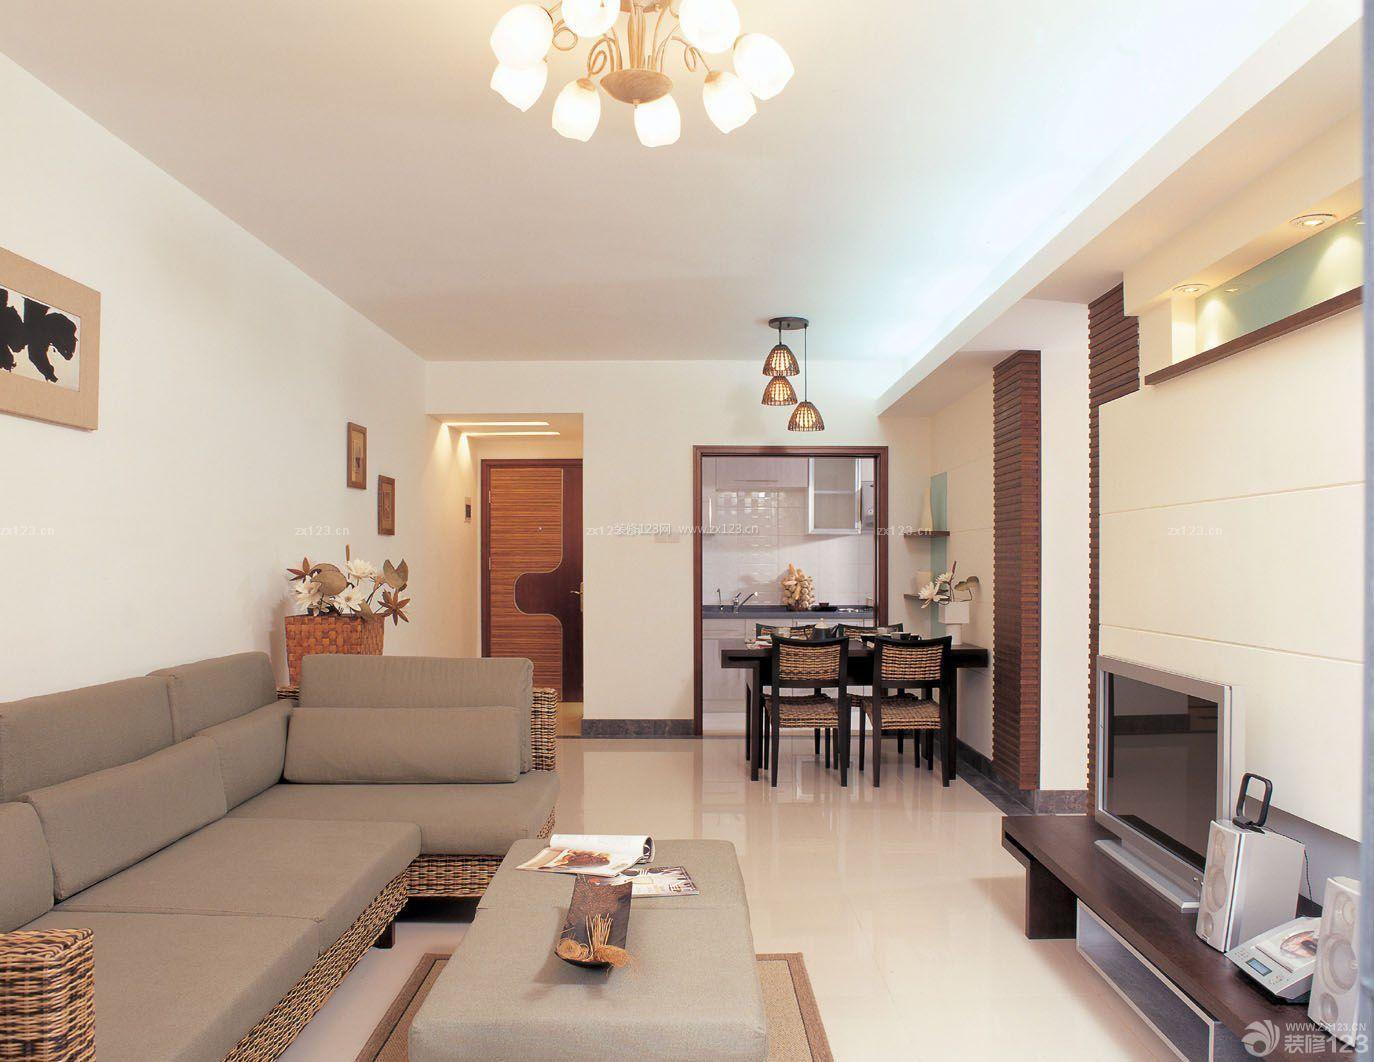 140平方米房屋现代简约风格装修效果图